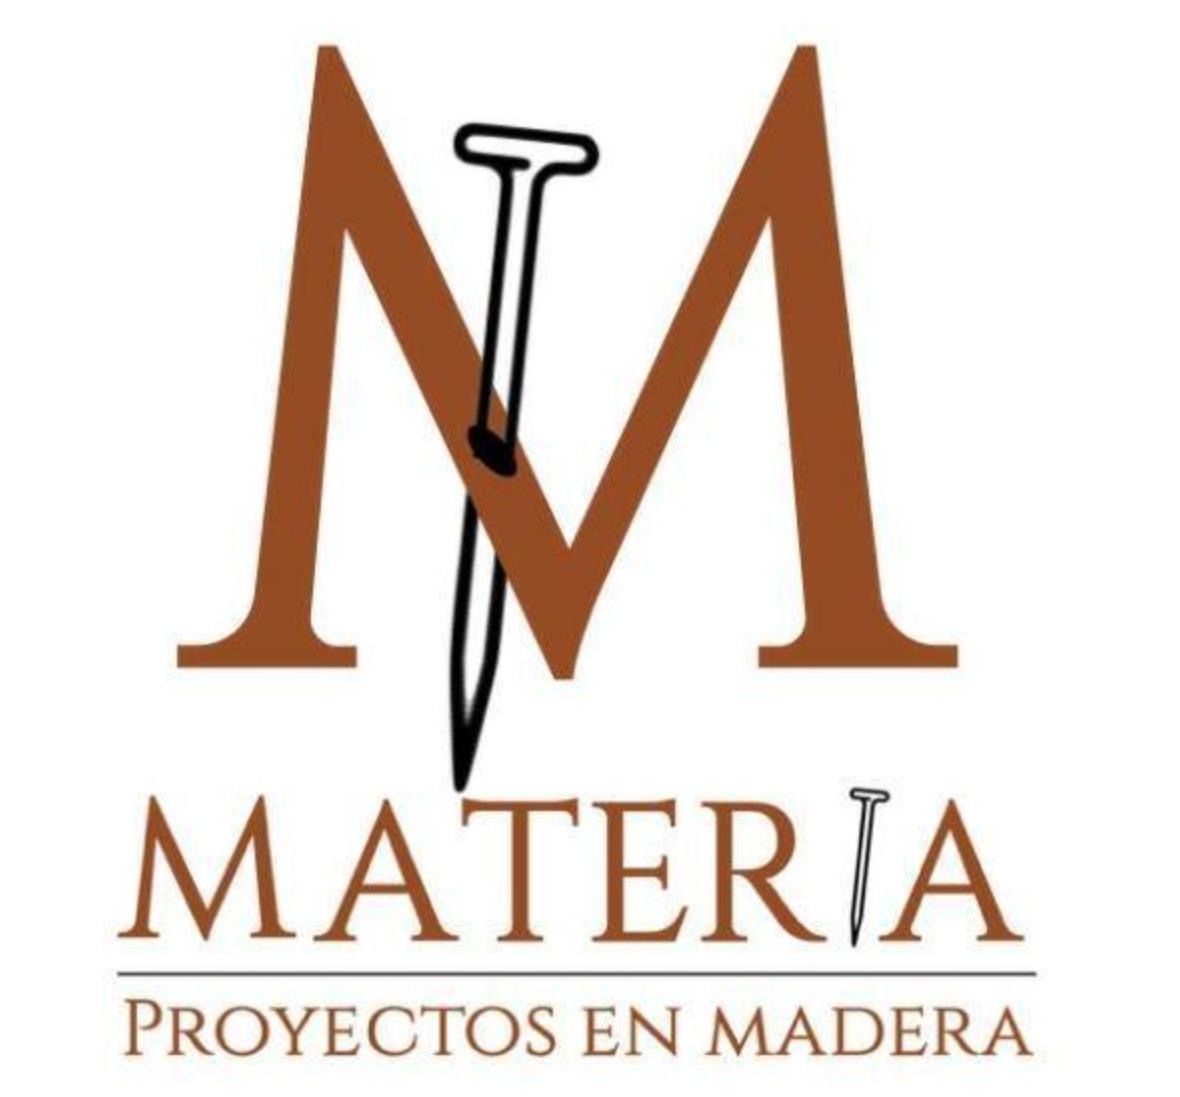 Materia Proyectos en Madera